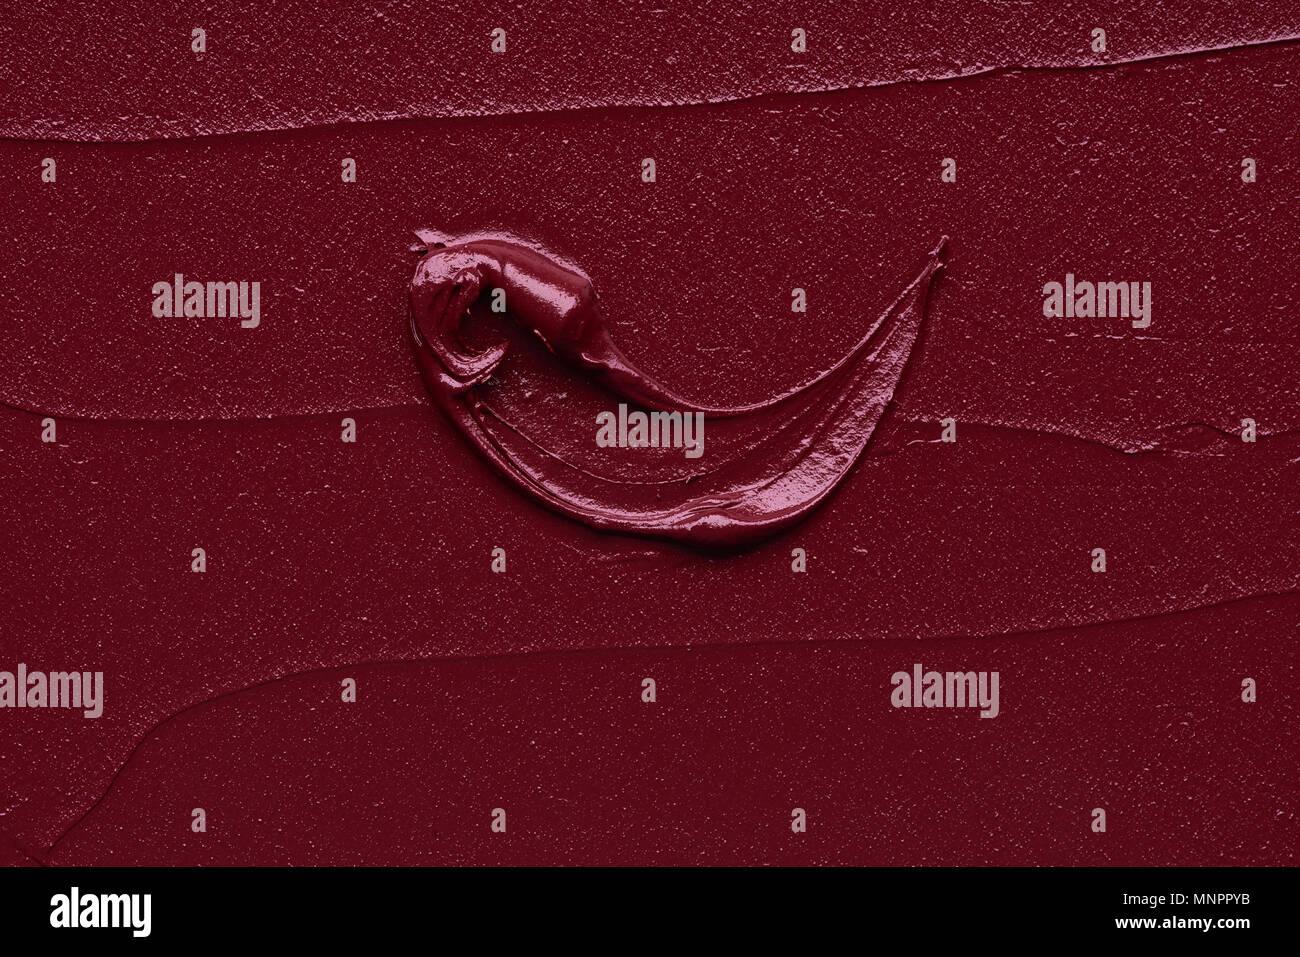 Rosso Scuro Cospargere Di Finitura Opaca Lip Gloss Isolati Su Sfondo